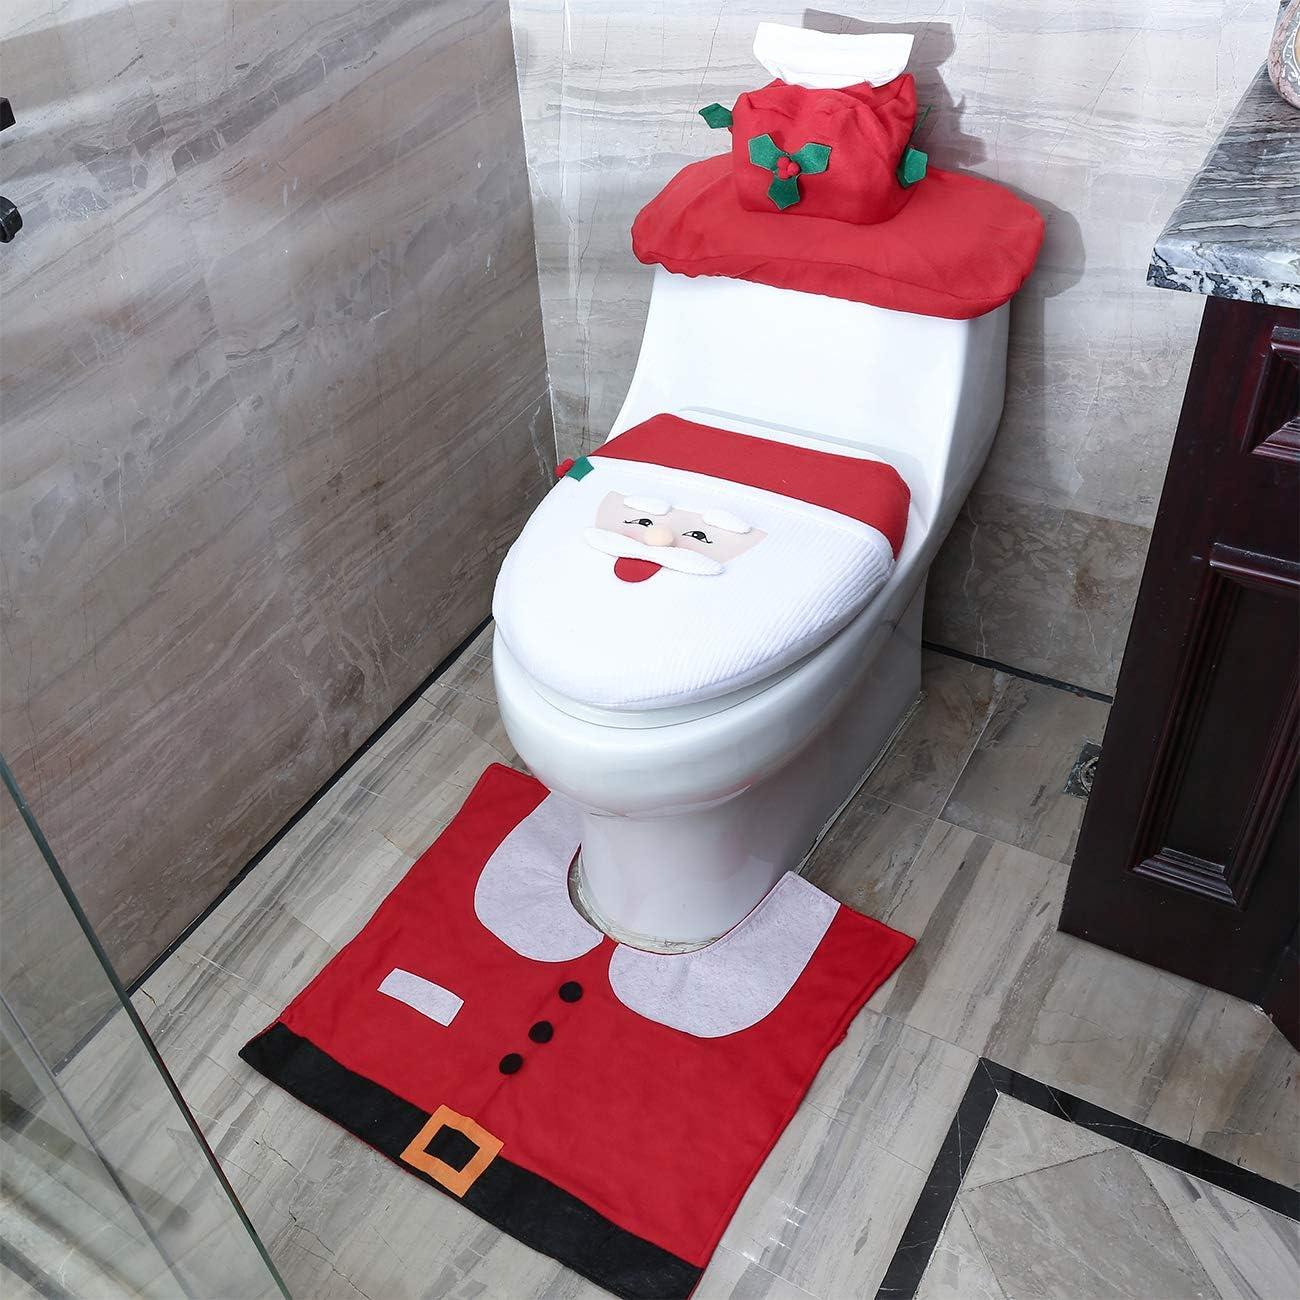 Davidshirsch WC-Weihnachtsdekorations-Set Badvorleger Deckelbezug WC Bezug Weihnachten Toilettensitzbezug Neusky 3-TLG